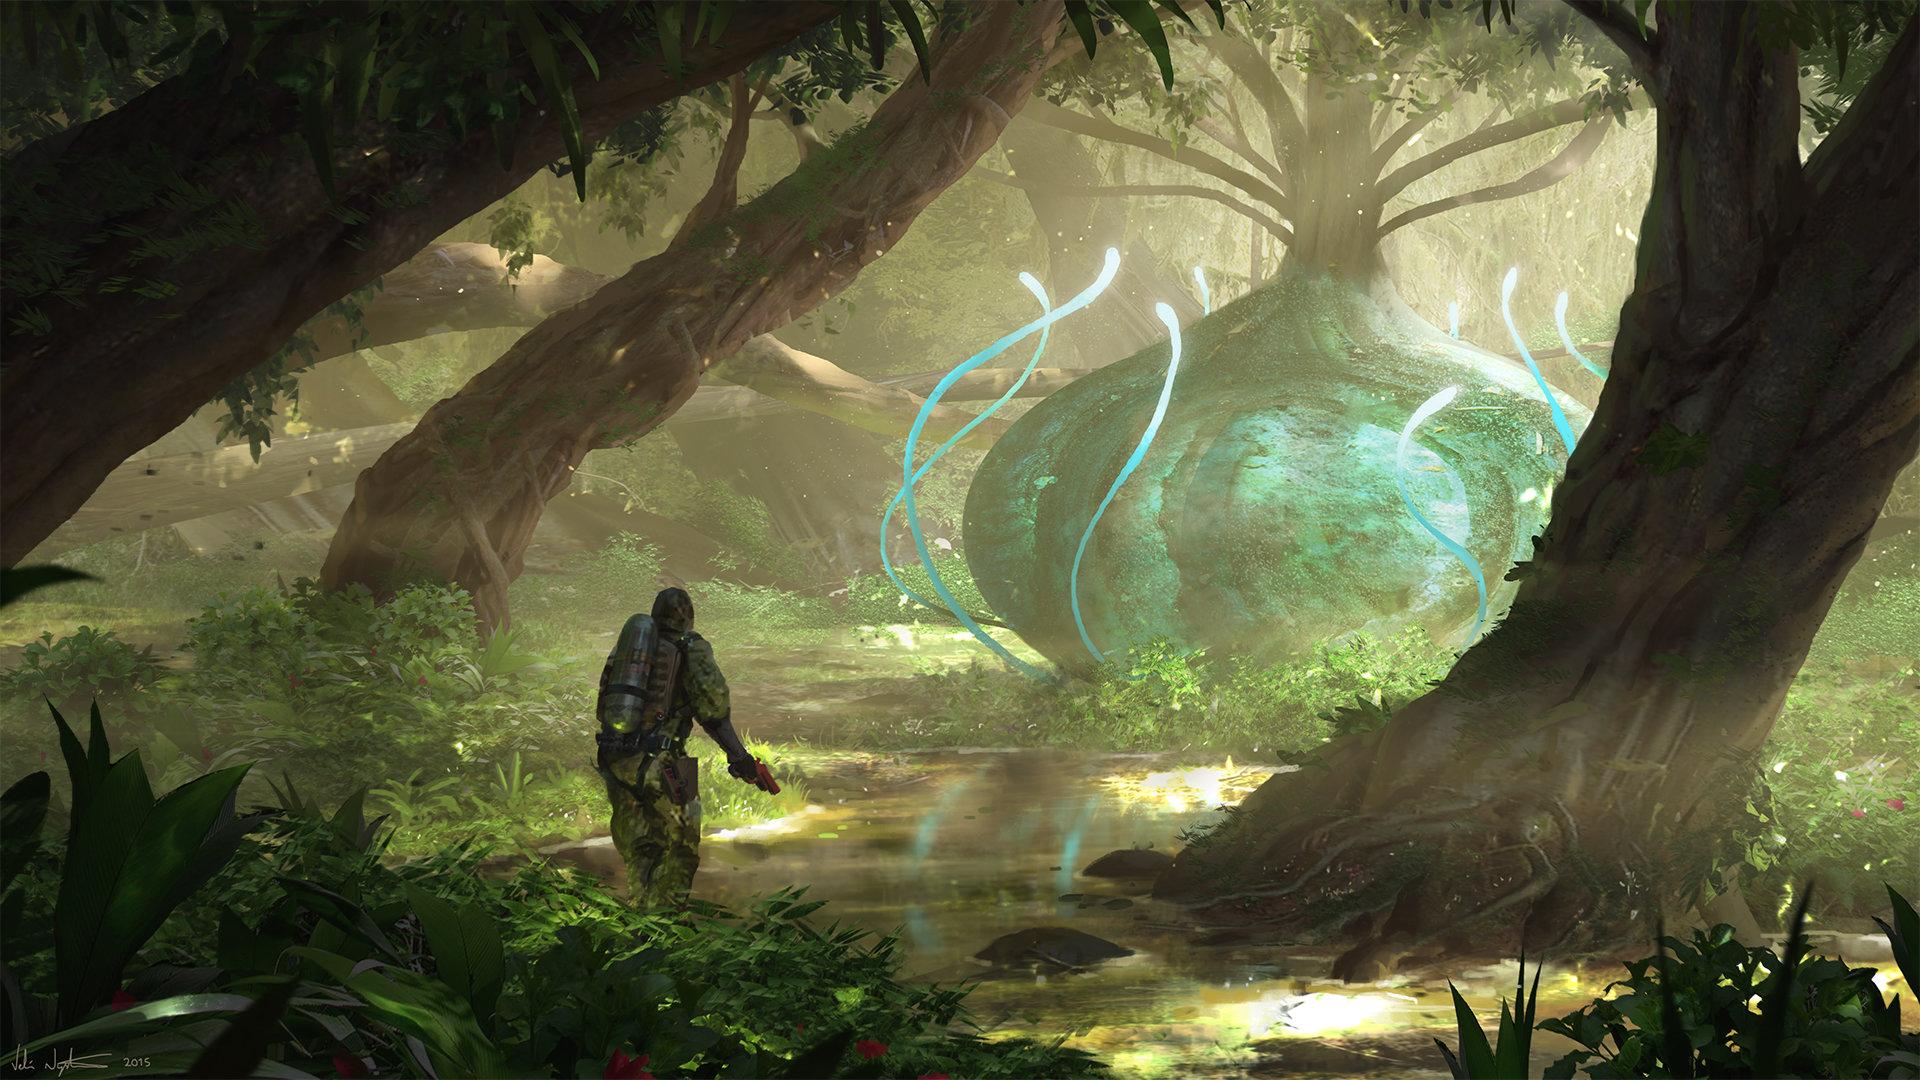 Veli nystrom forest alien plant